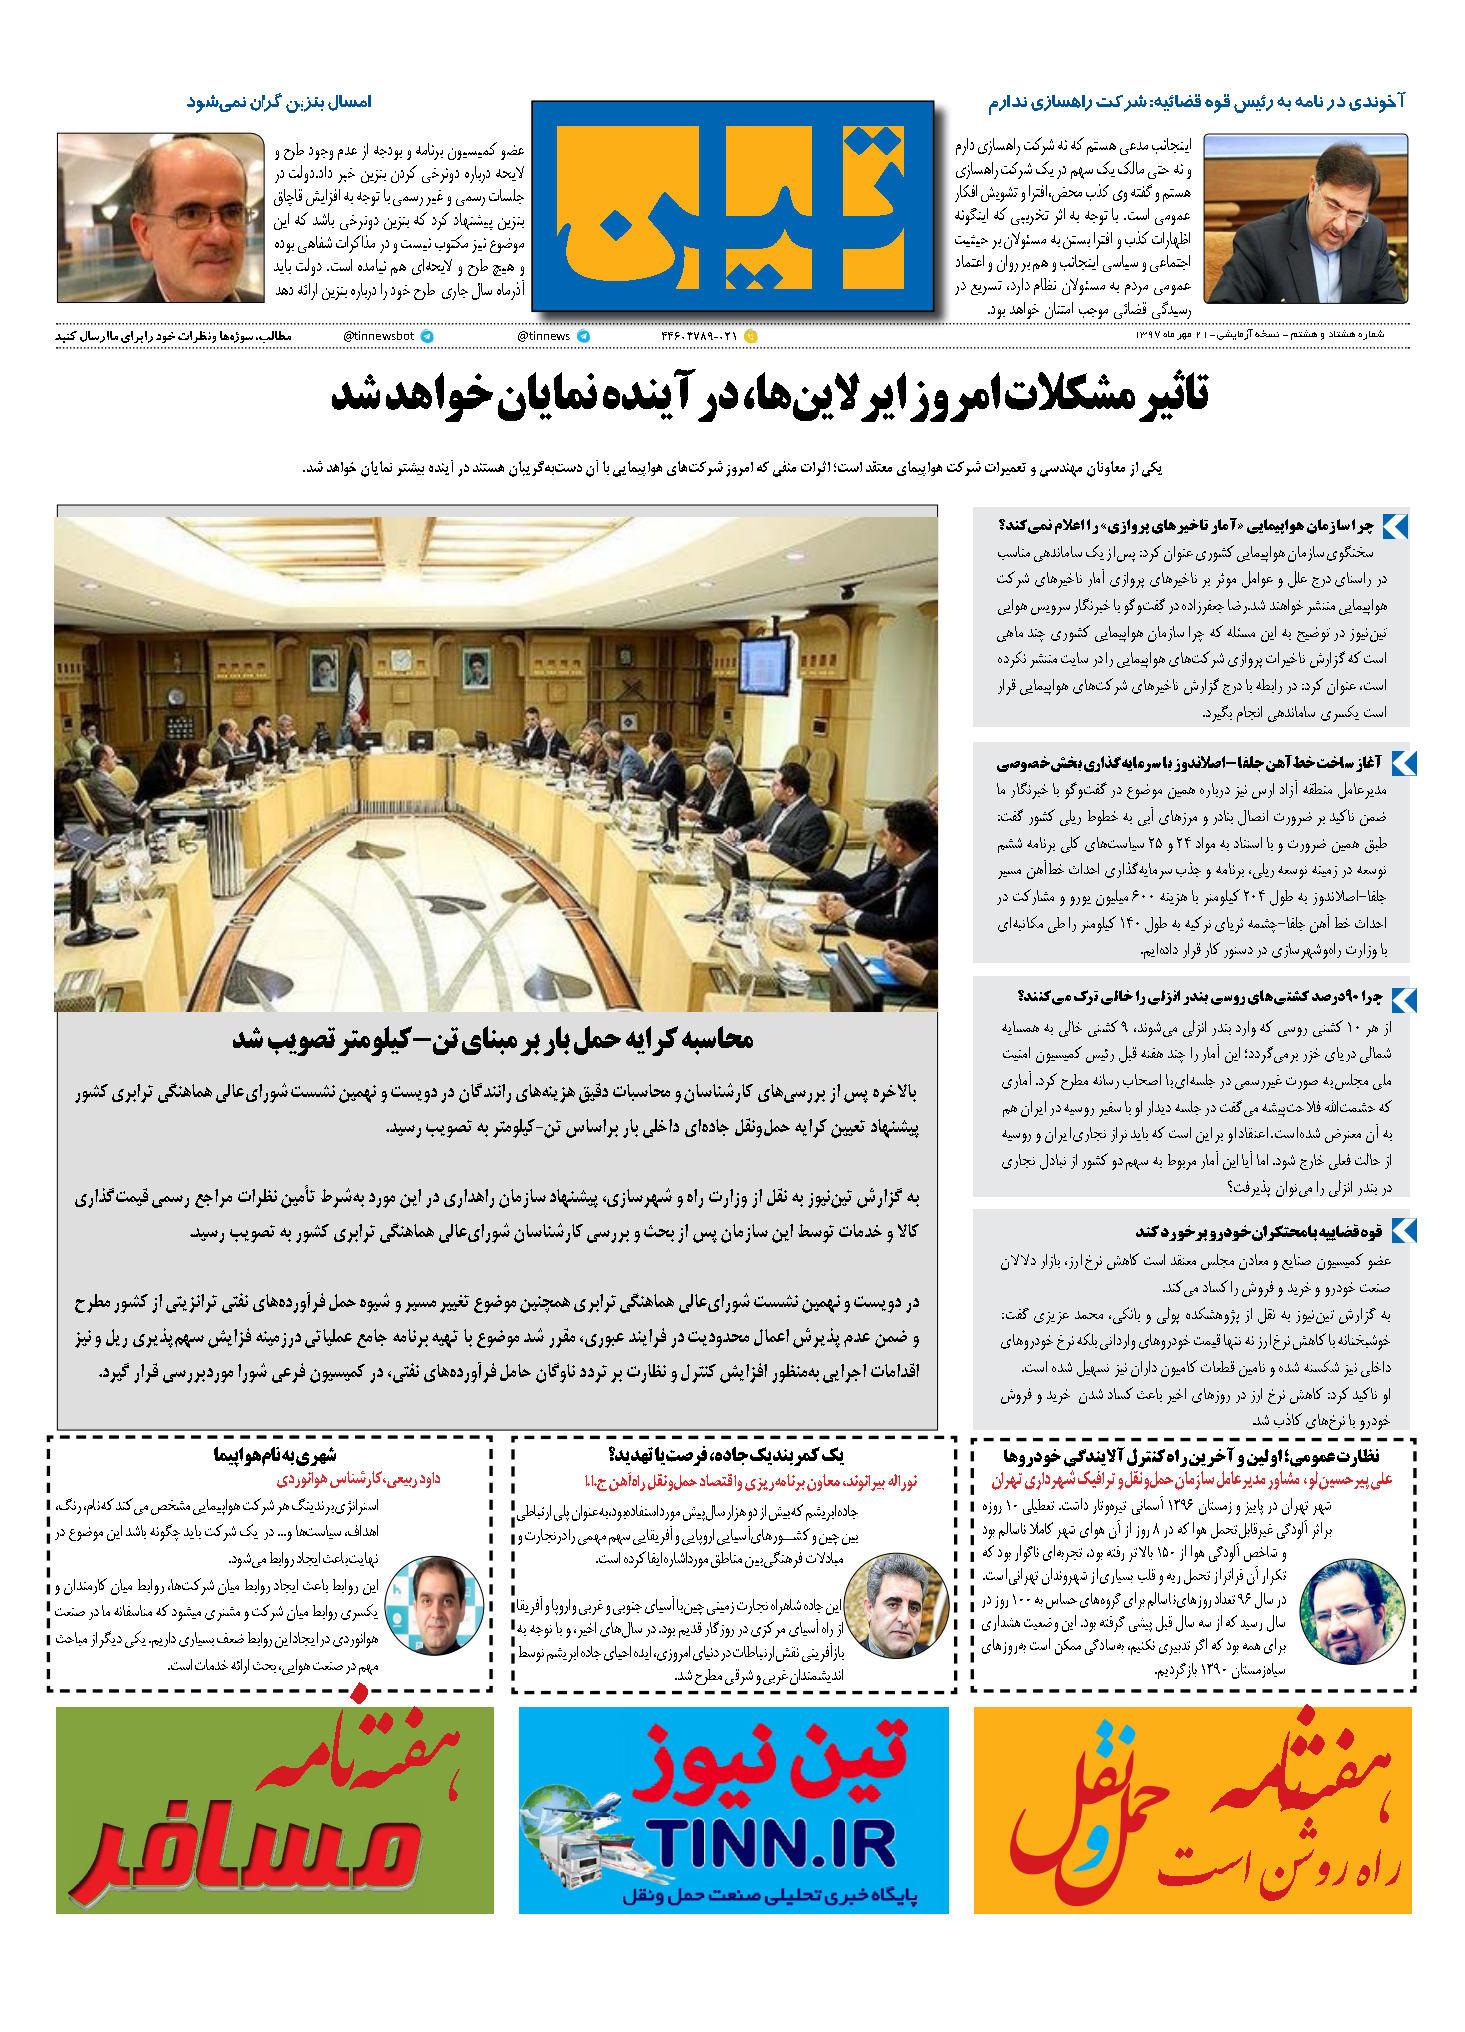 روزنامه الکترونیک 21 مهر ماه 97